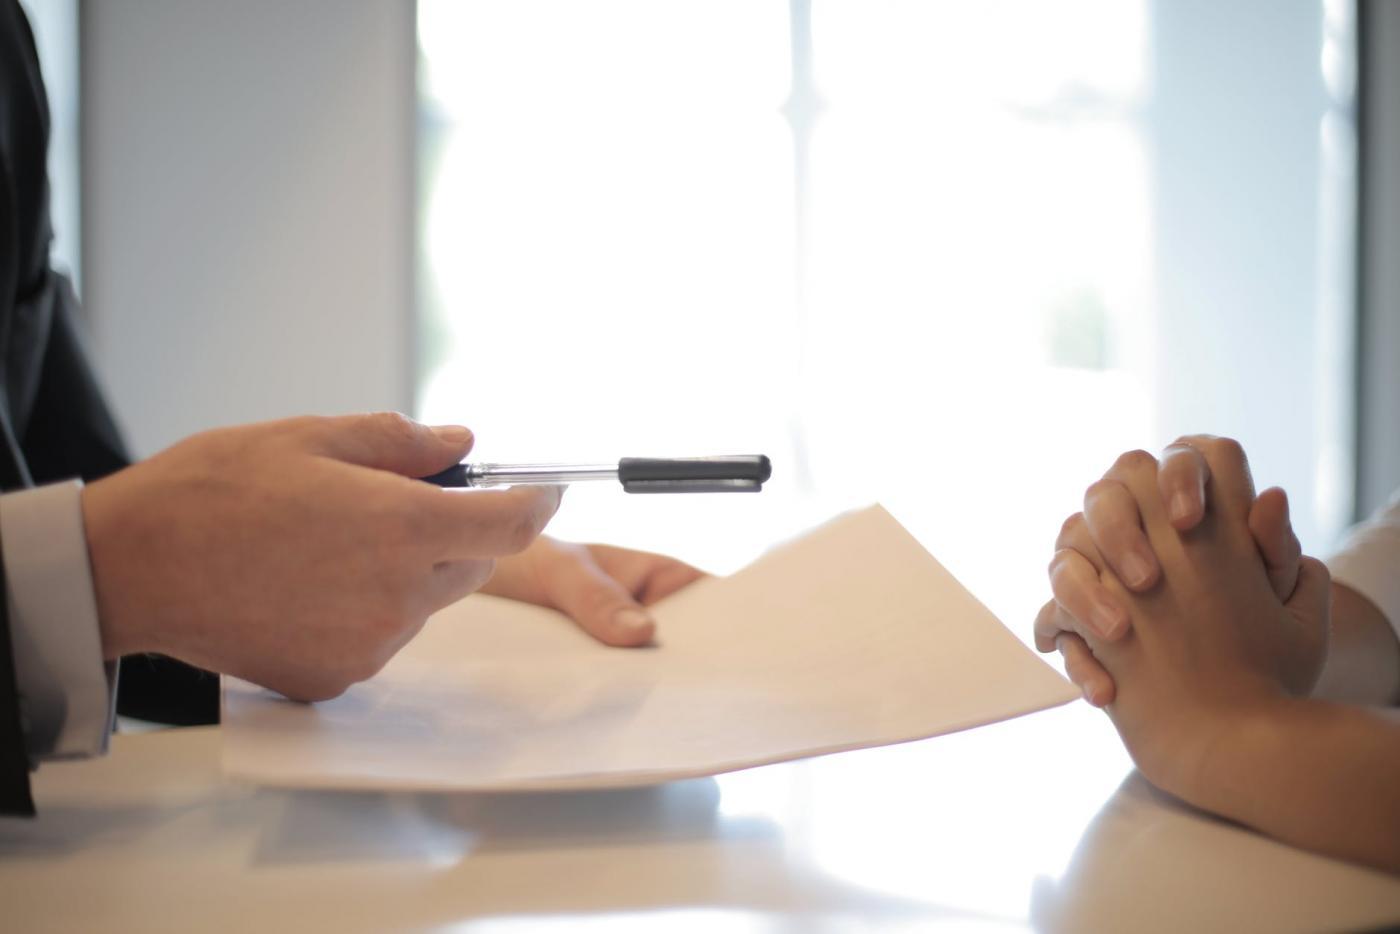 Dodatkowe zabezpieczenie kredytu - co może stanowić takie zabezpieczenie?